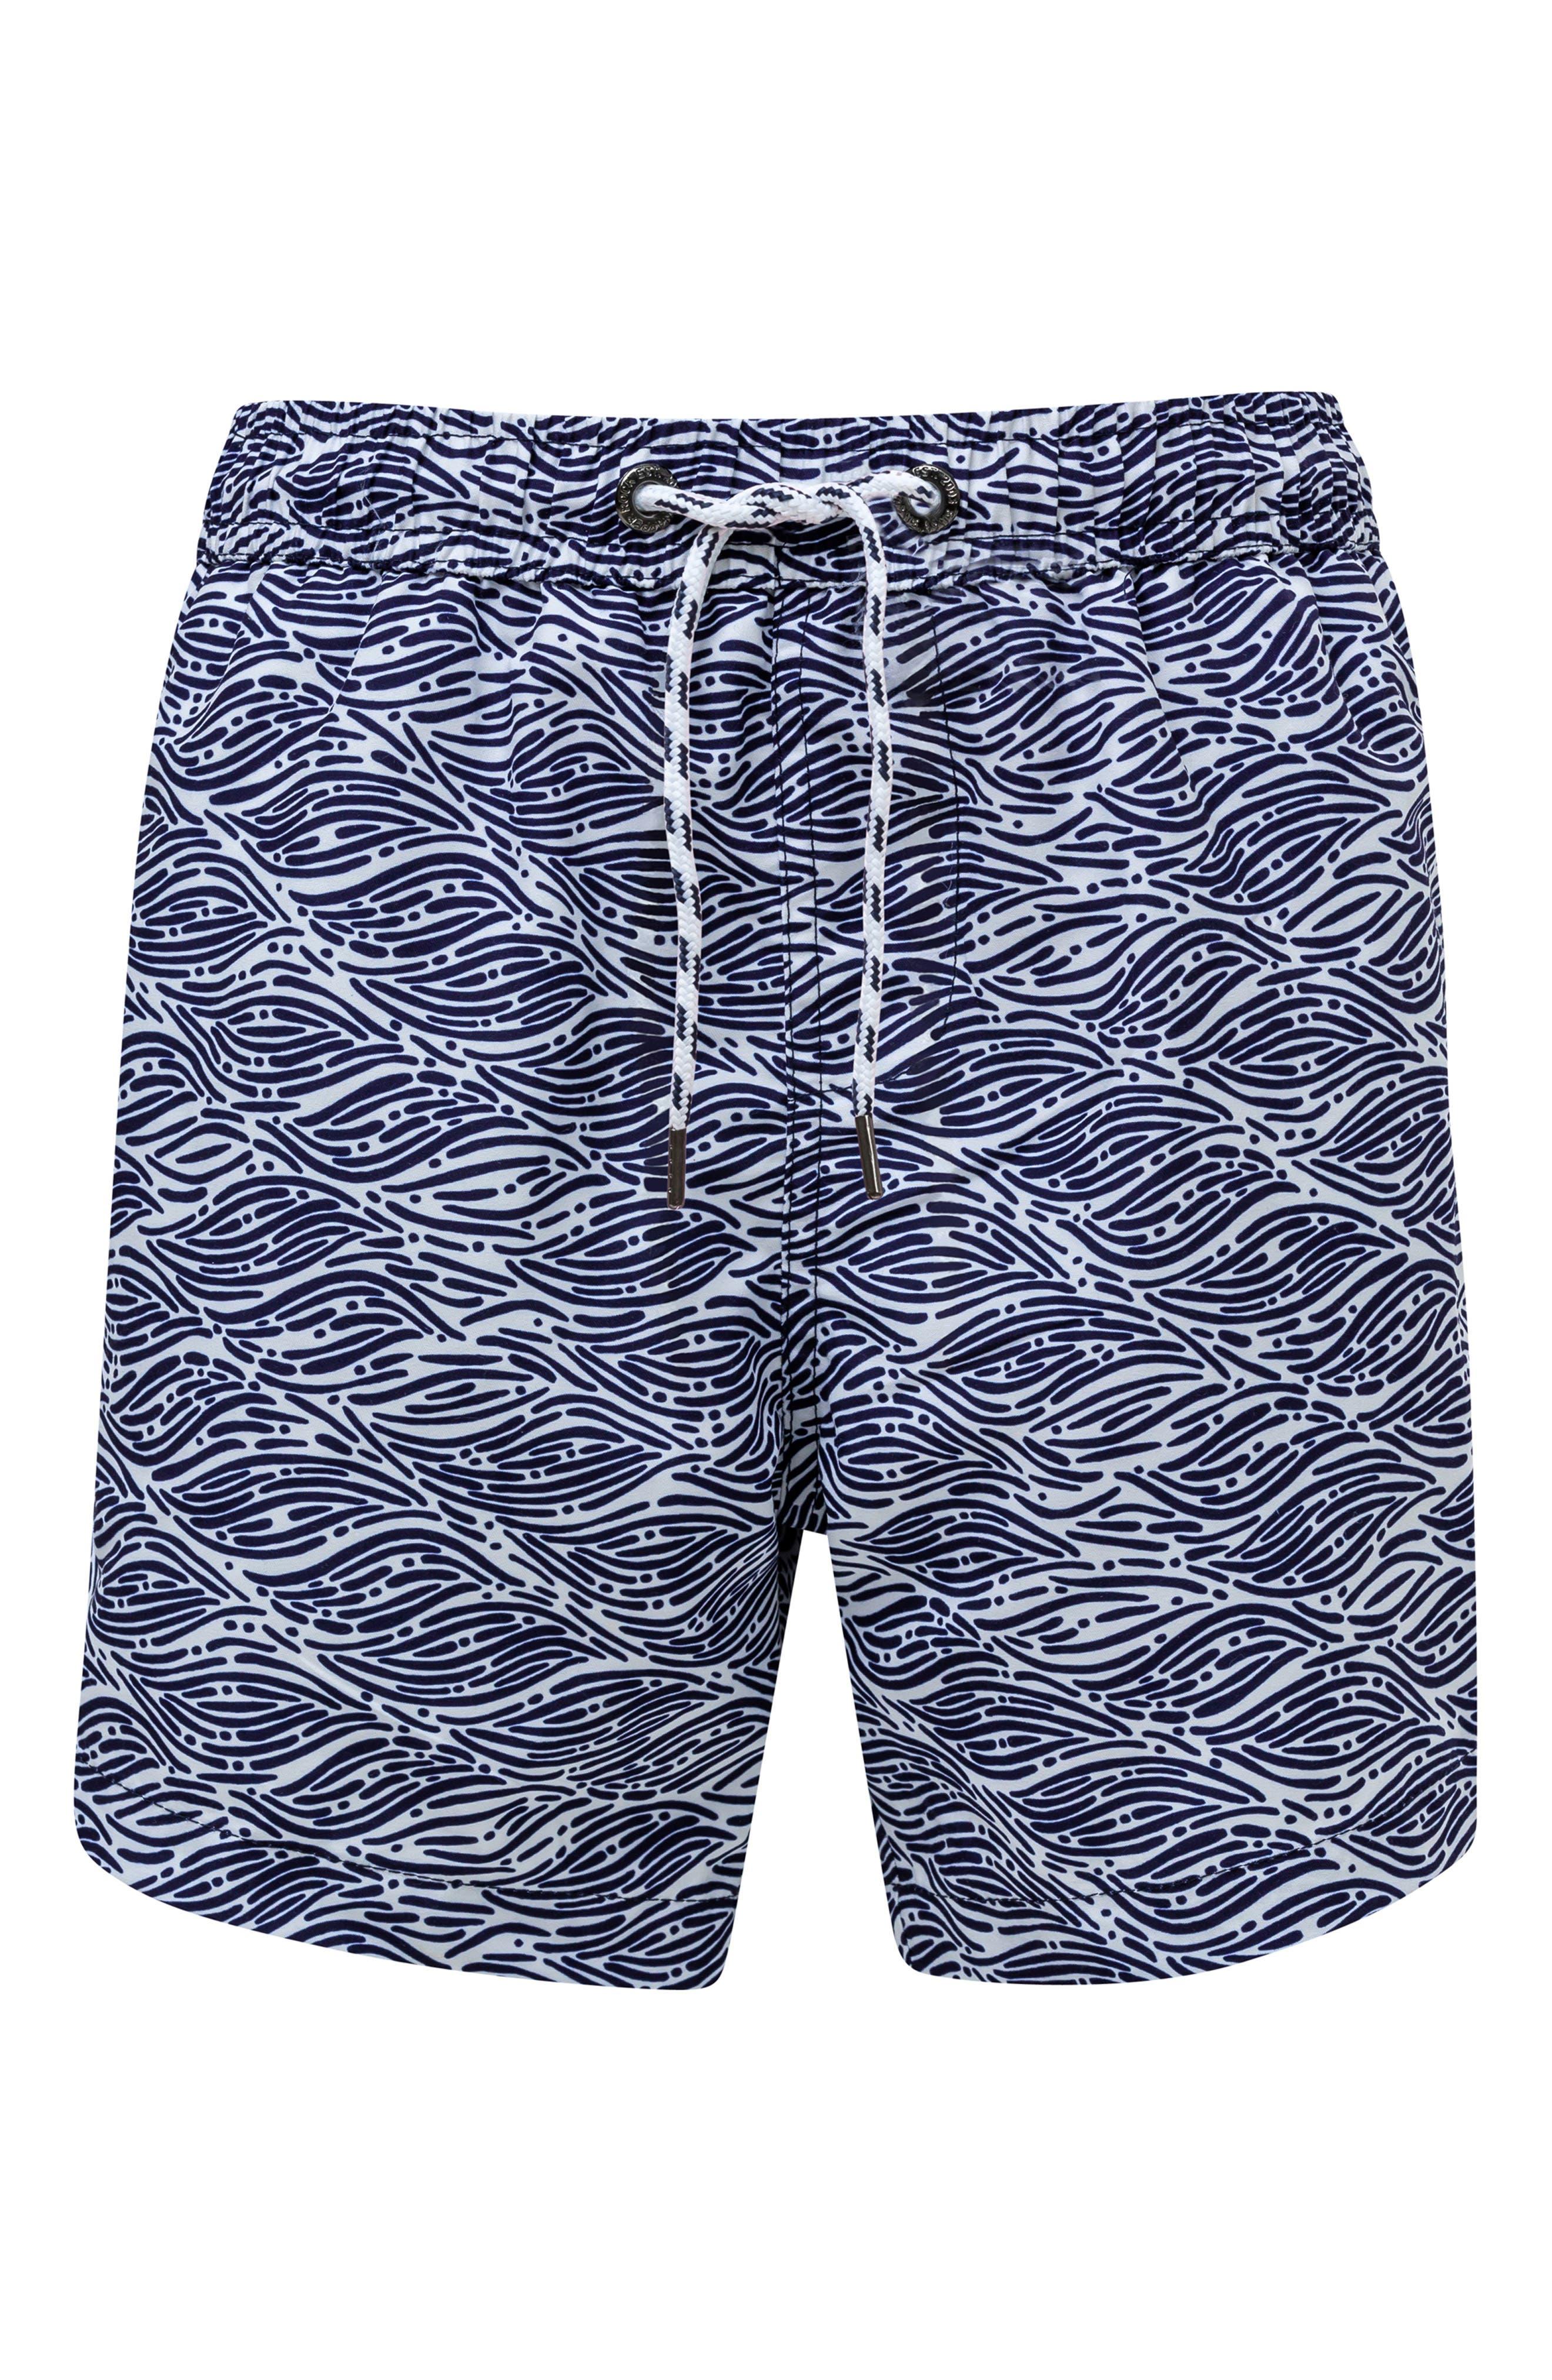 High Tide Board Shorts,                             Main thumbnail 1, color,                             NAVY